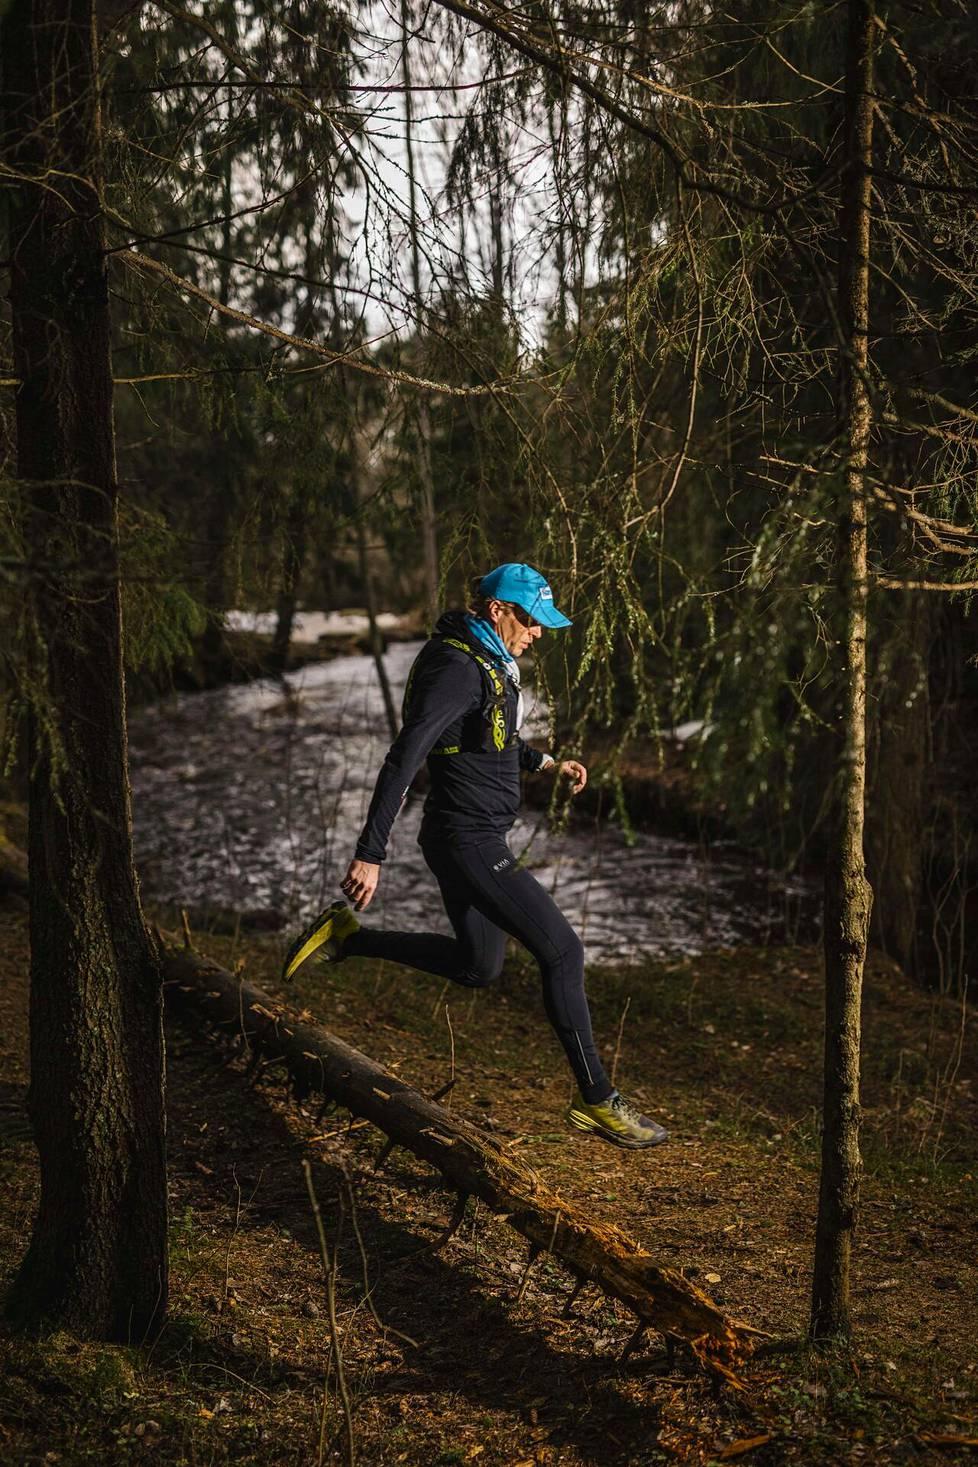 Polku-ultran juoksijat ovat usein ulkoilmaihmisiä, jotka kokeilevat rajojaan ja nauttivat luonnosta, sanoo Jarkko Aspegren.